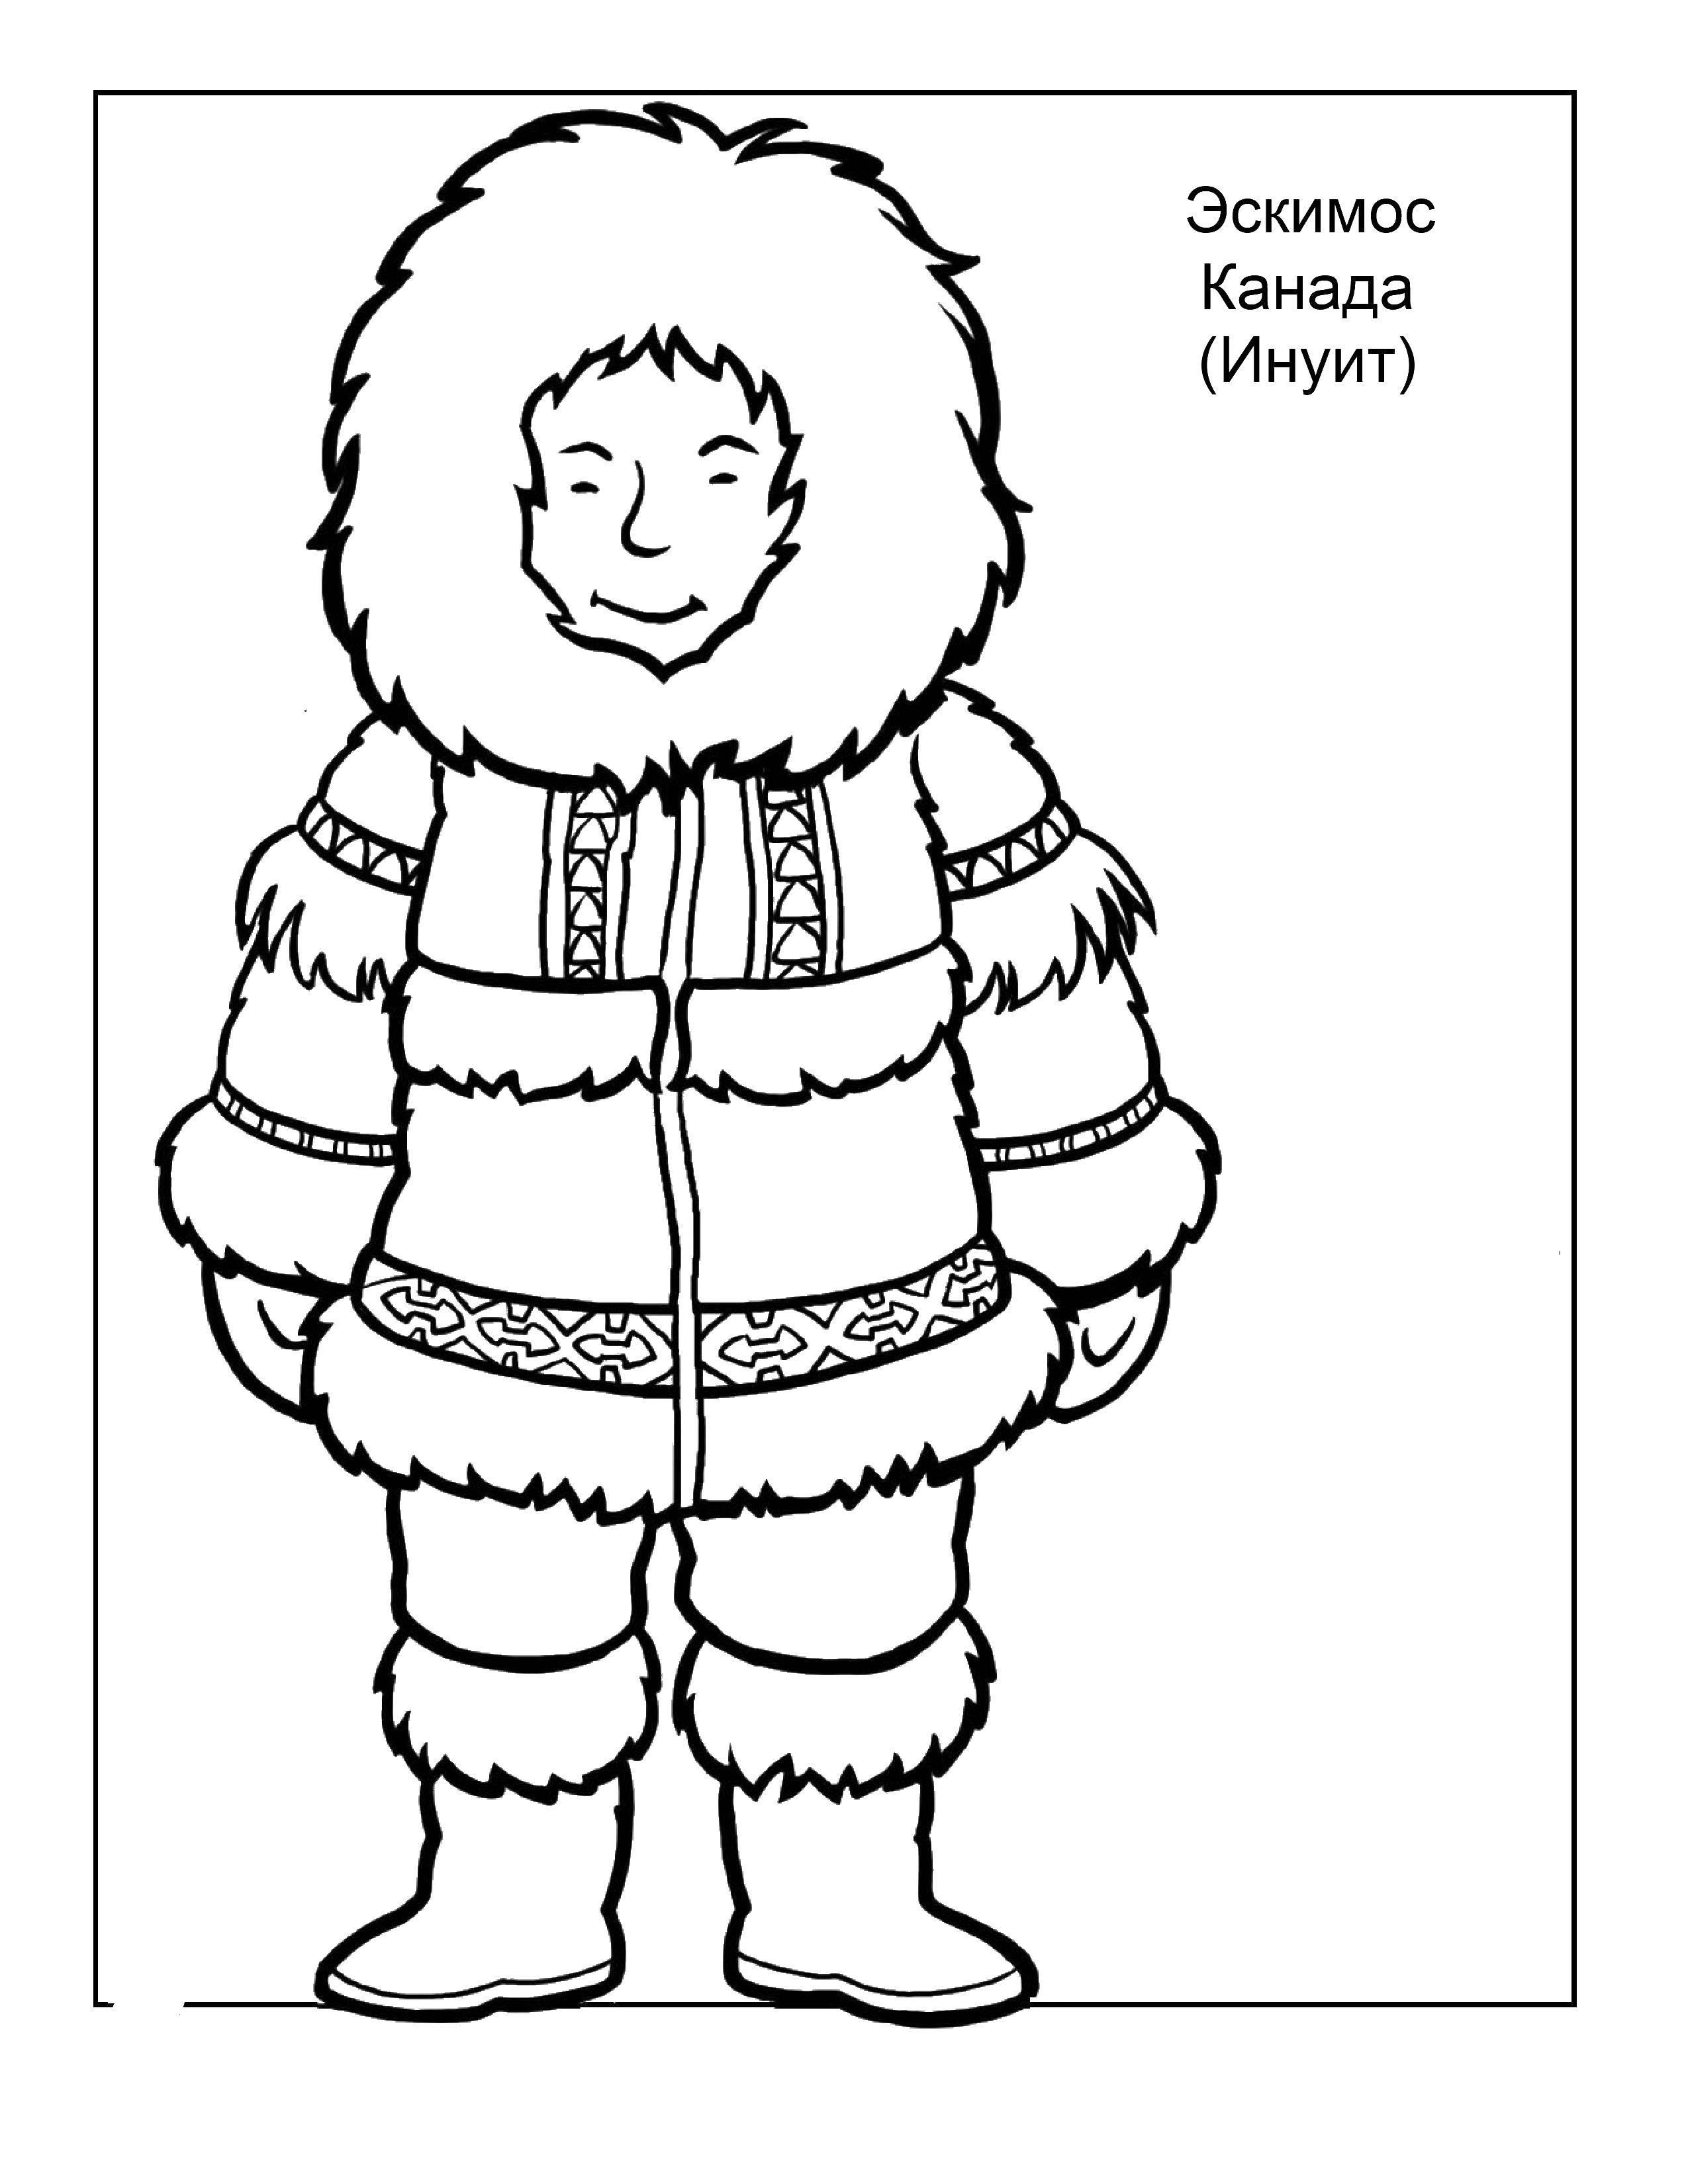 Раскраска Канадский эскимос Скачать Канада, эскимос.  Распечатать ,Культура разных государств мира,